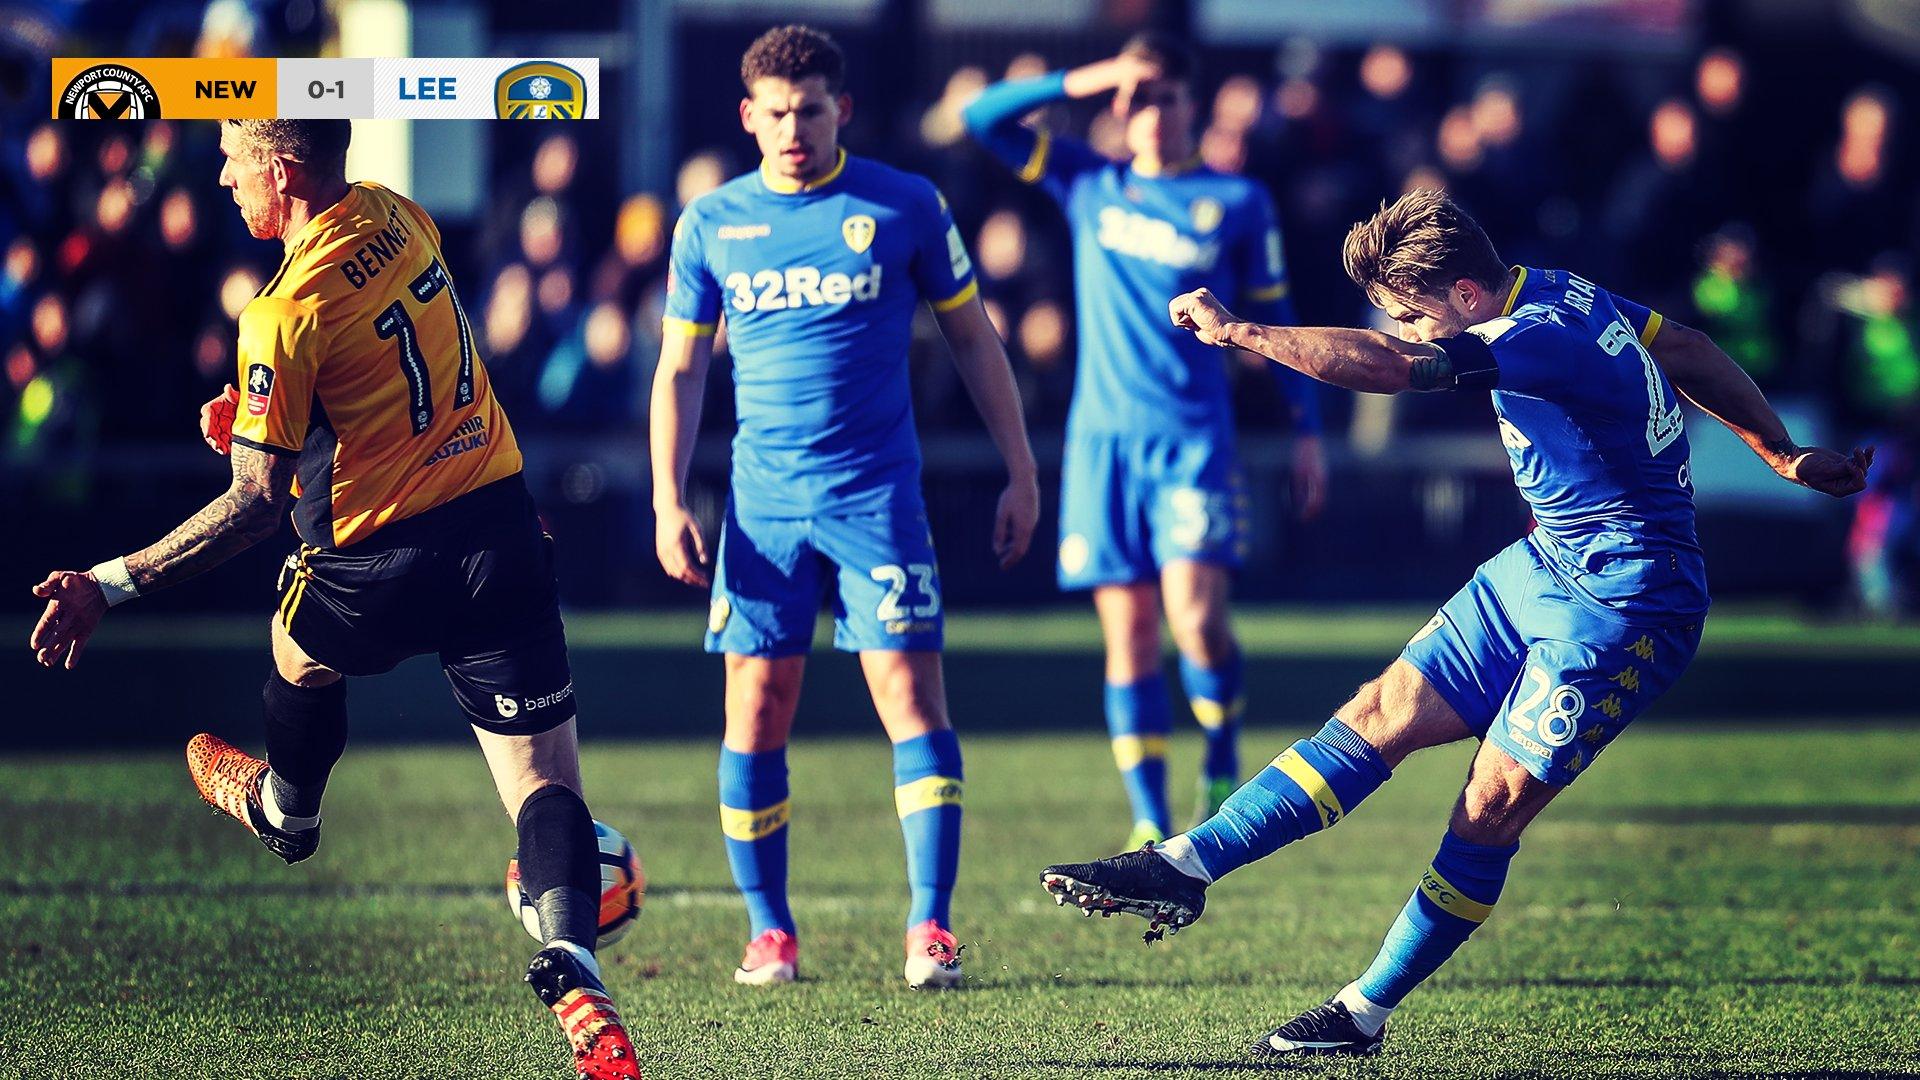 Newport County – Leeds 2-1